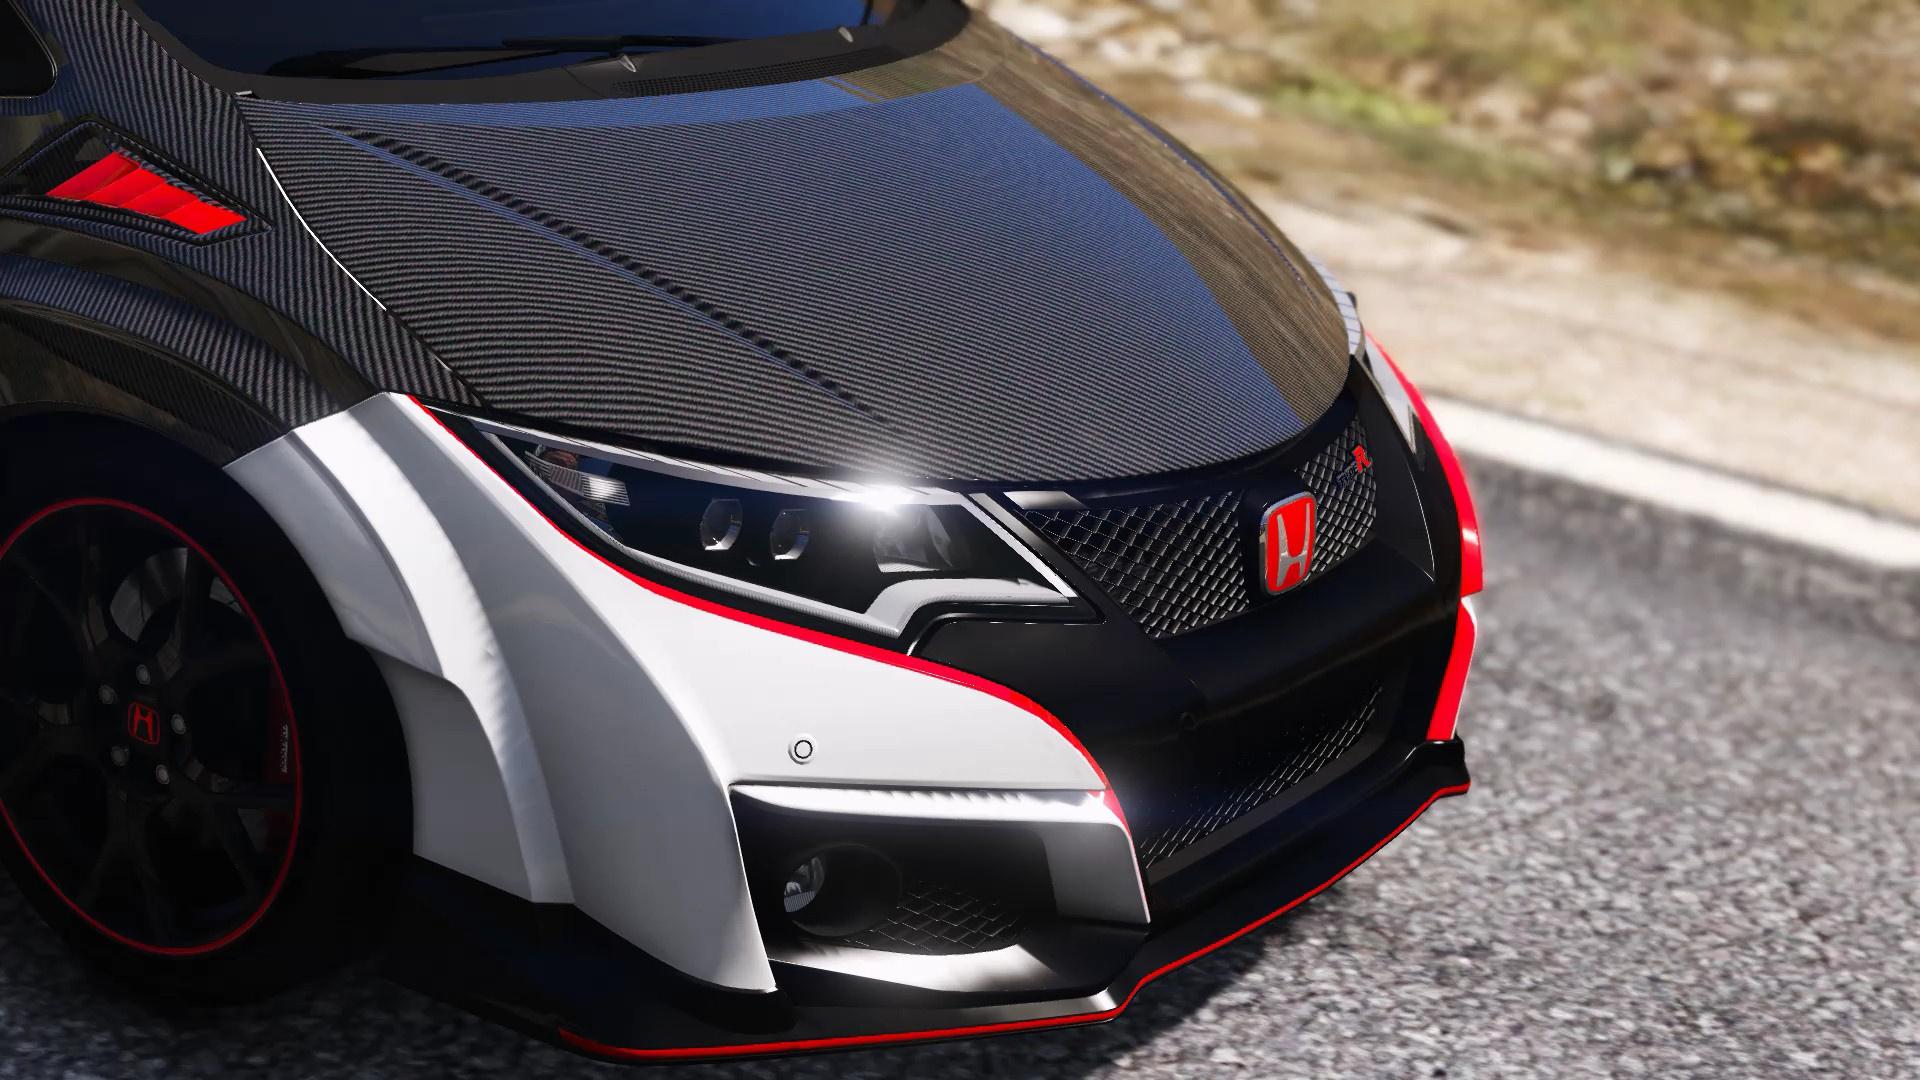 Honda Civic Type R (FK2) Carbon Parts Livery - GTA5-Mods.com